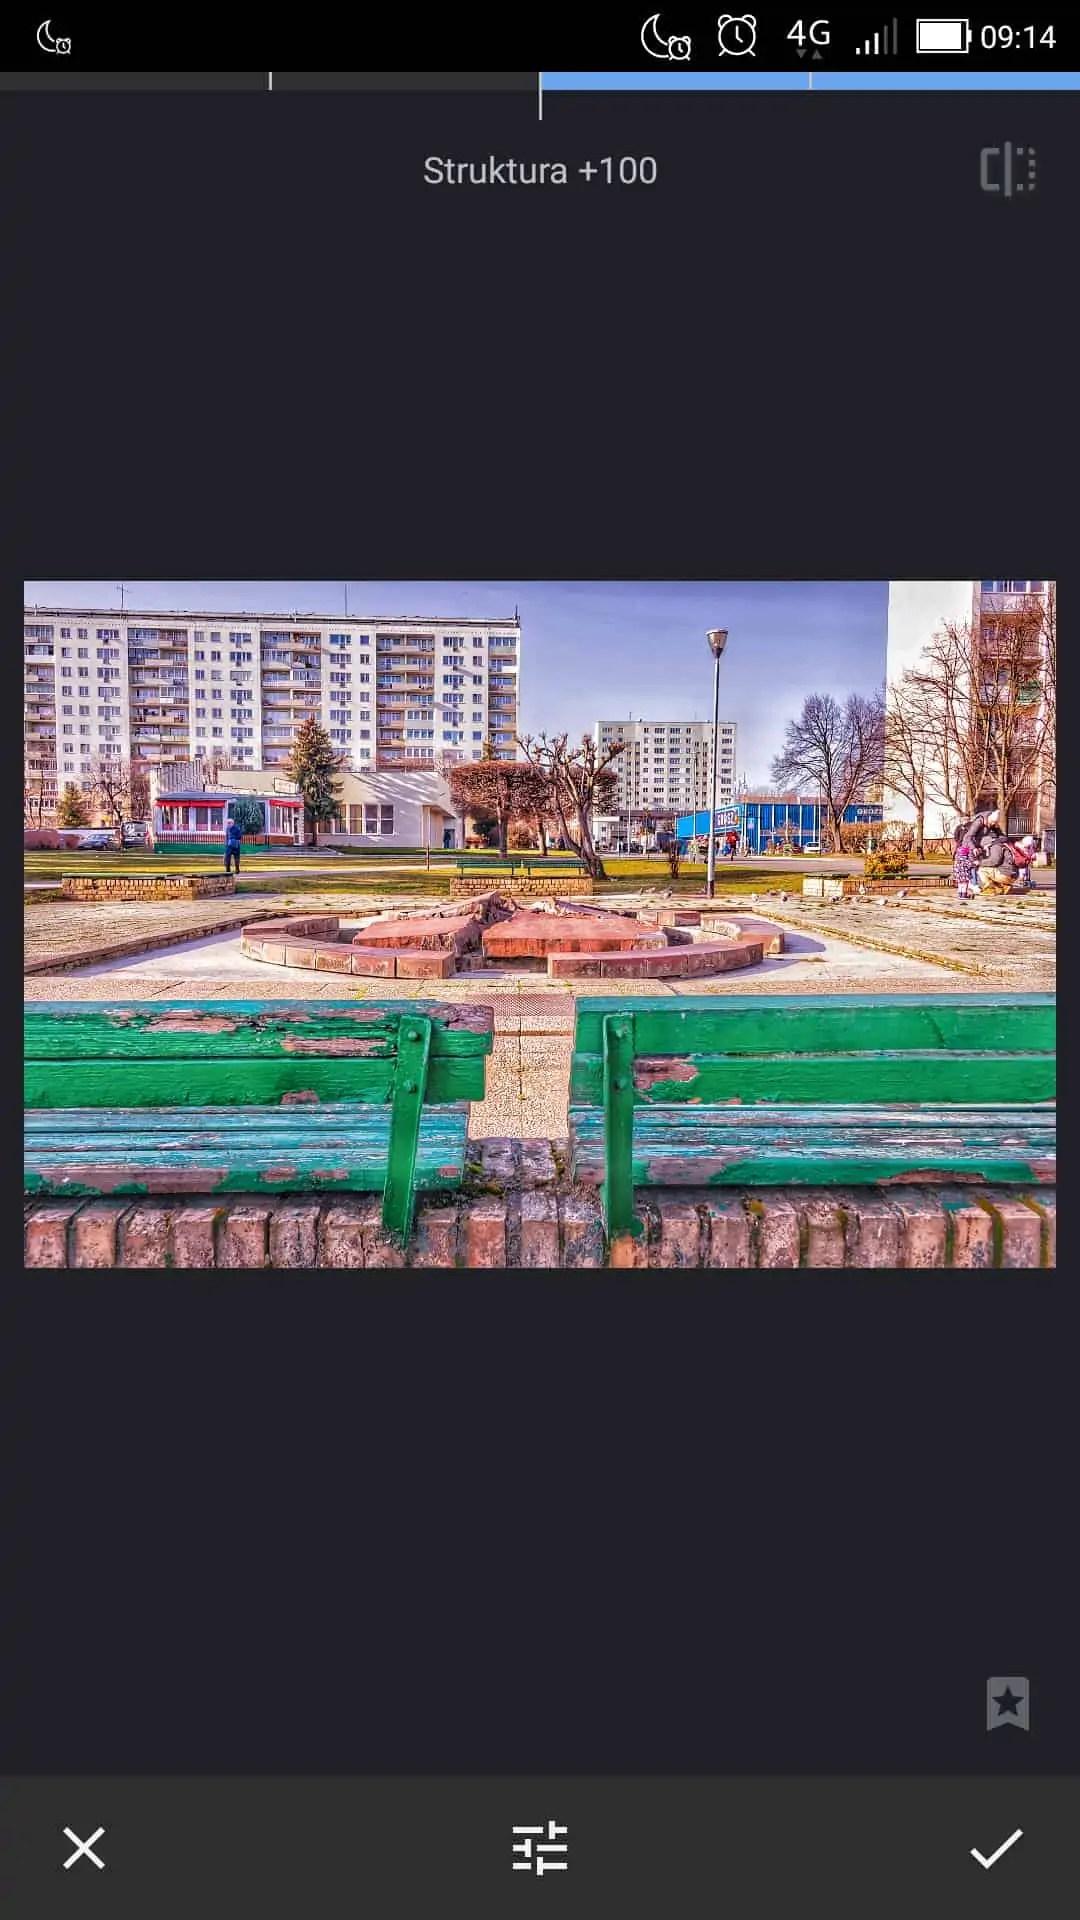 filtr struktury maksymalna wartość - Snapseed apka do zdjęć dla każdego